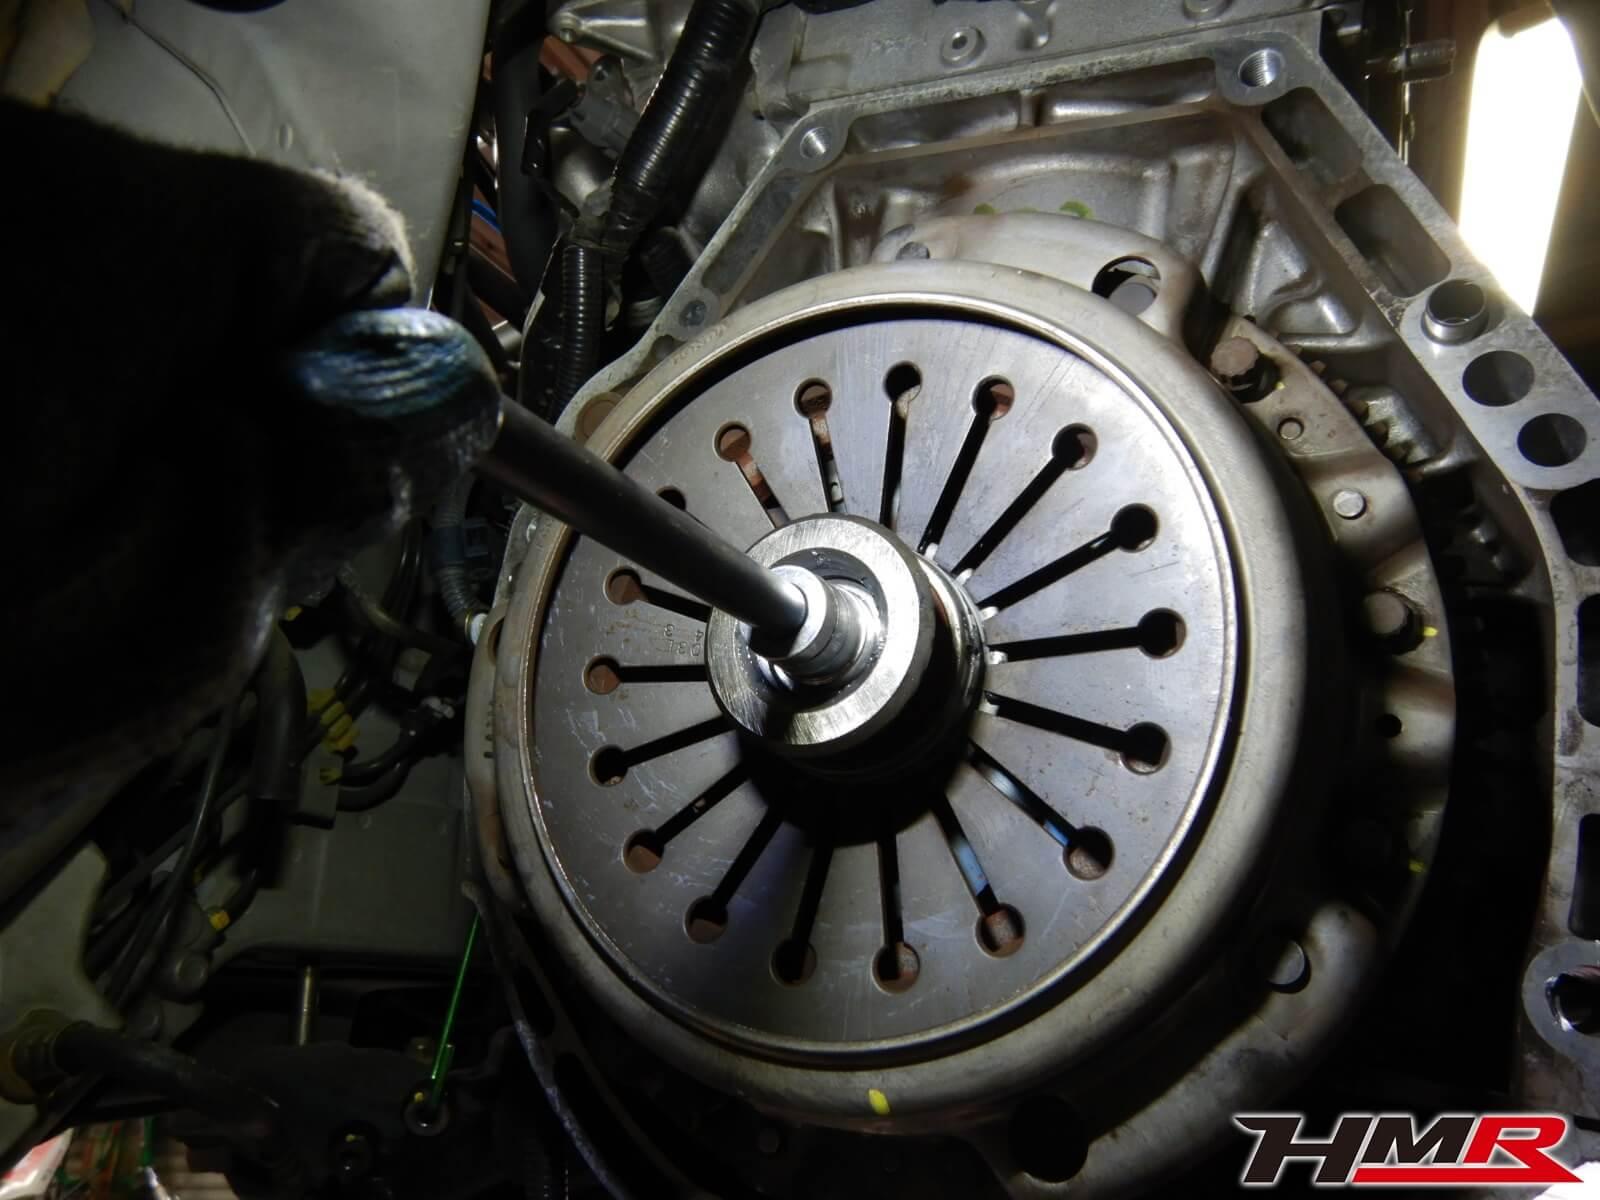 S2000(AP1)クラッチ交換 レリーズベアリング交換